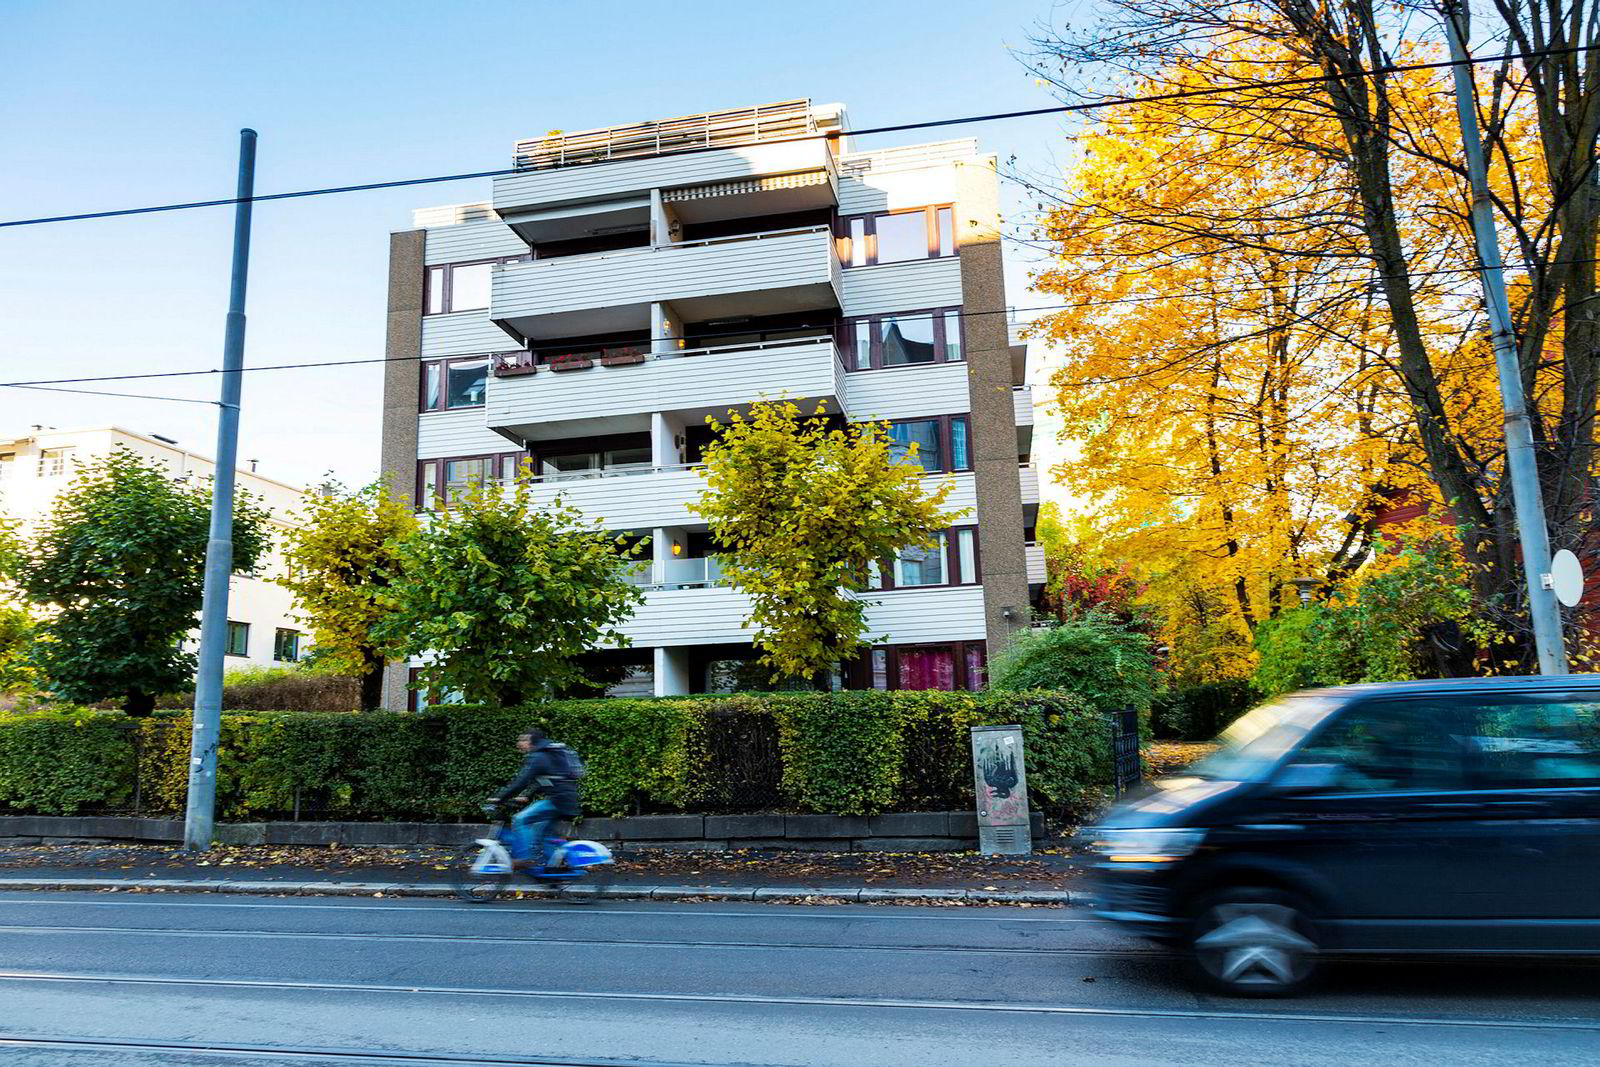 Bjarne Melgaard og moren Gro eier en leilighet sammen i dette leilighetskomplekset i Drammensveien i Oslo.